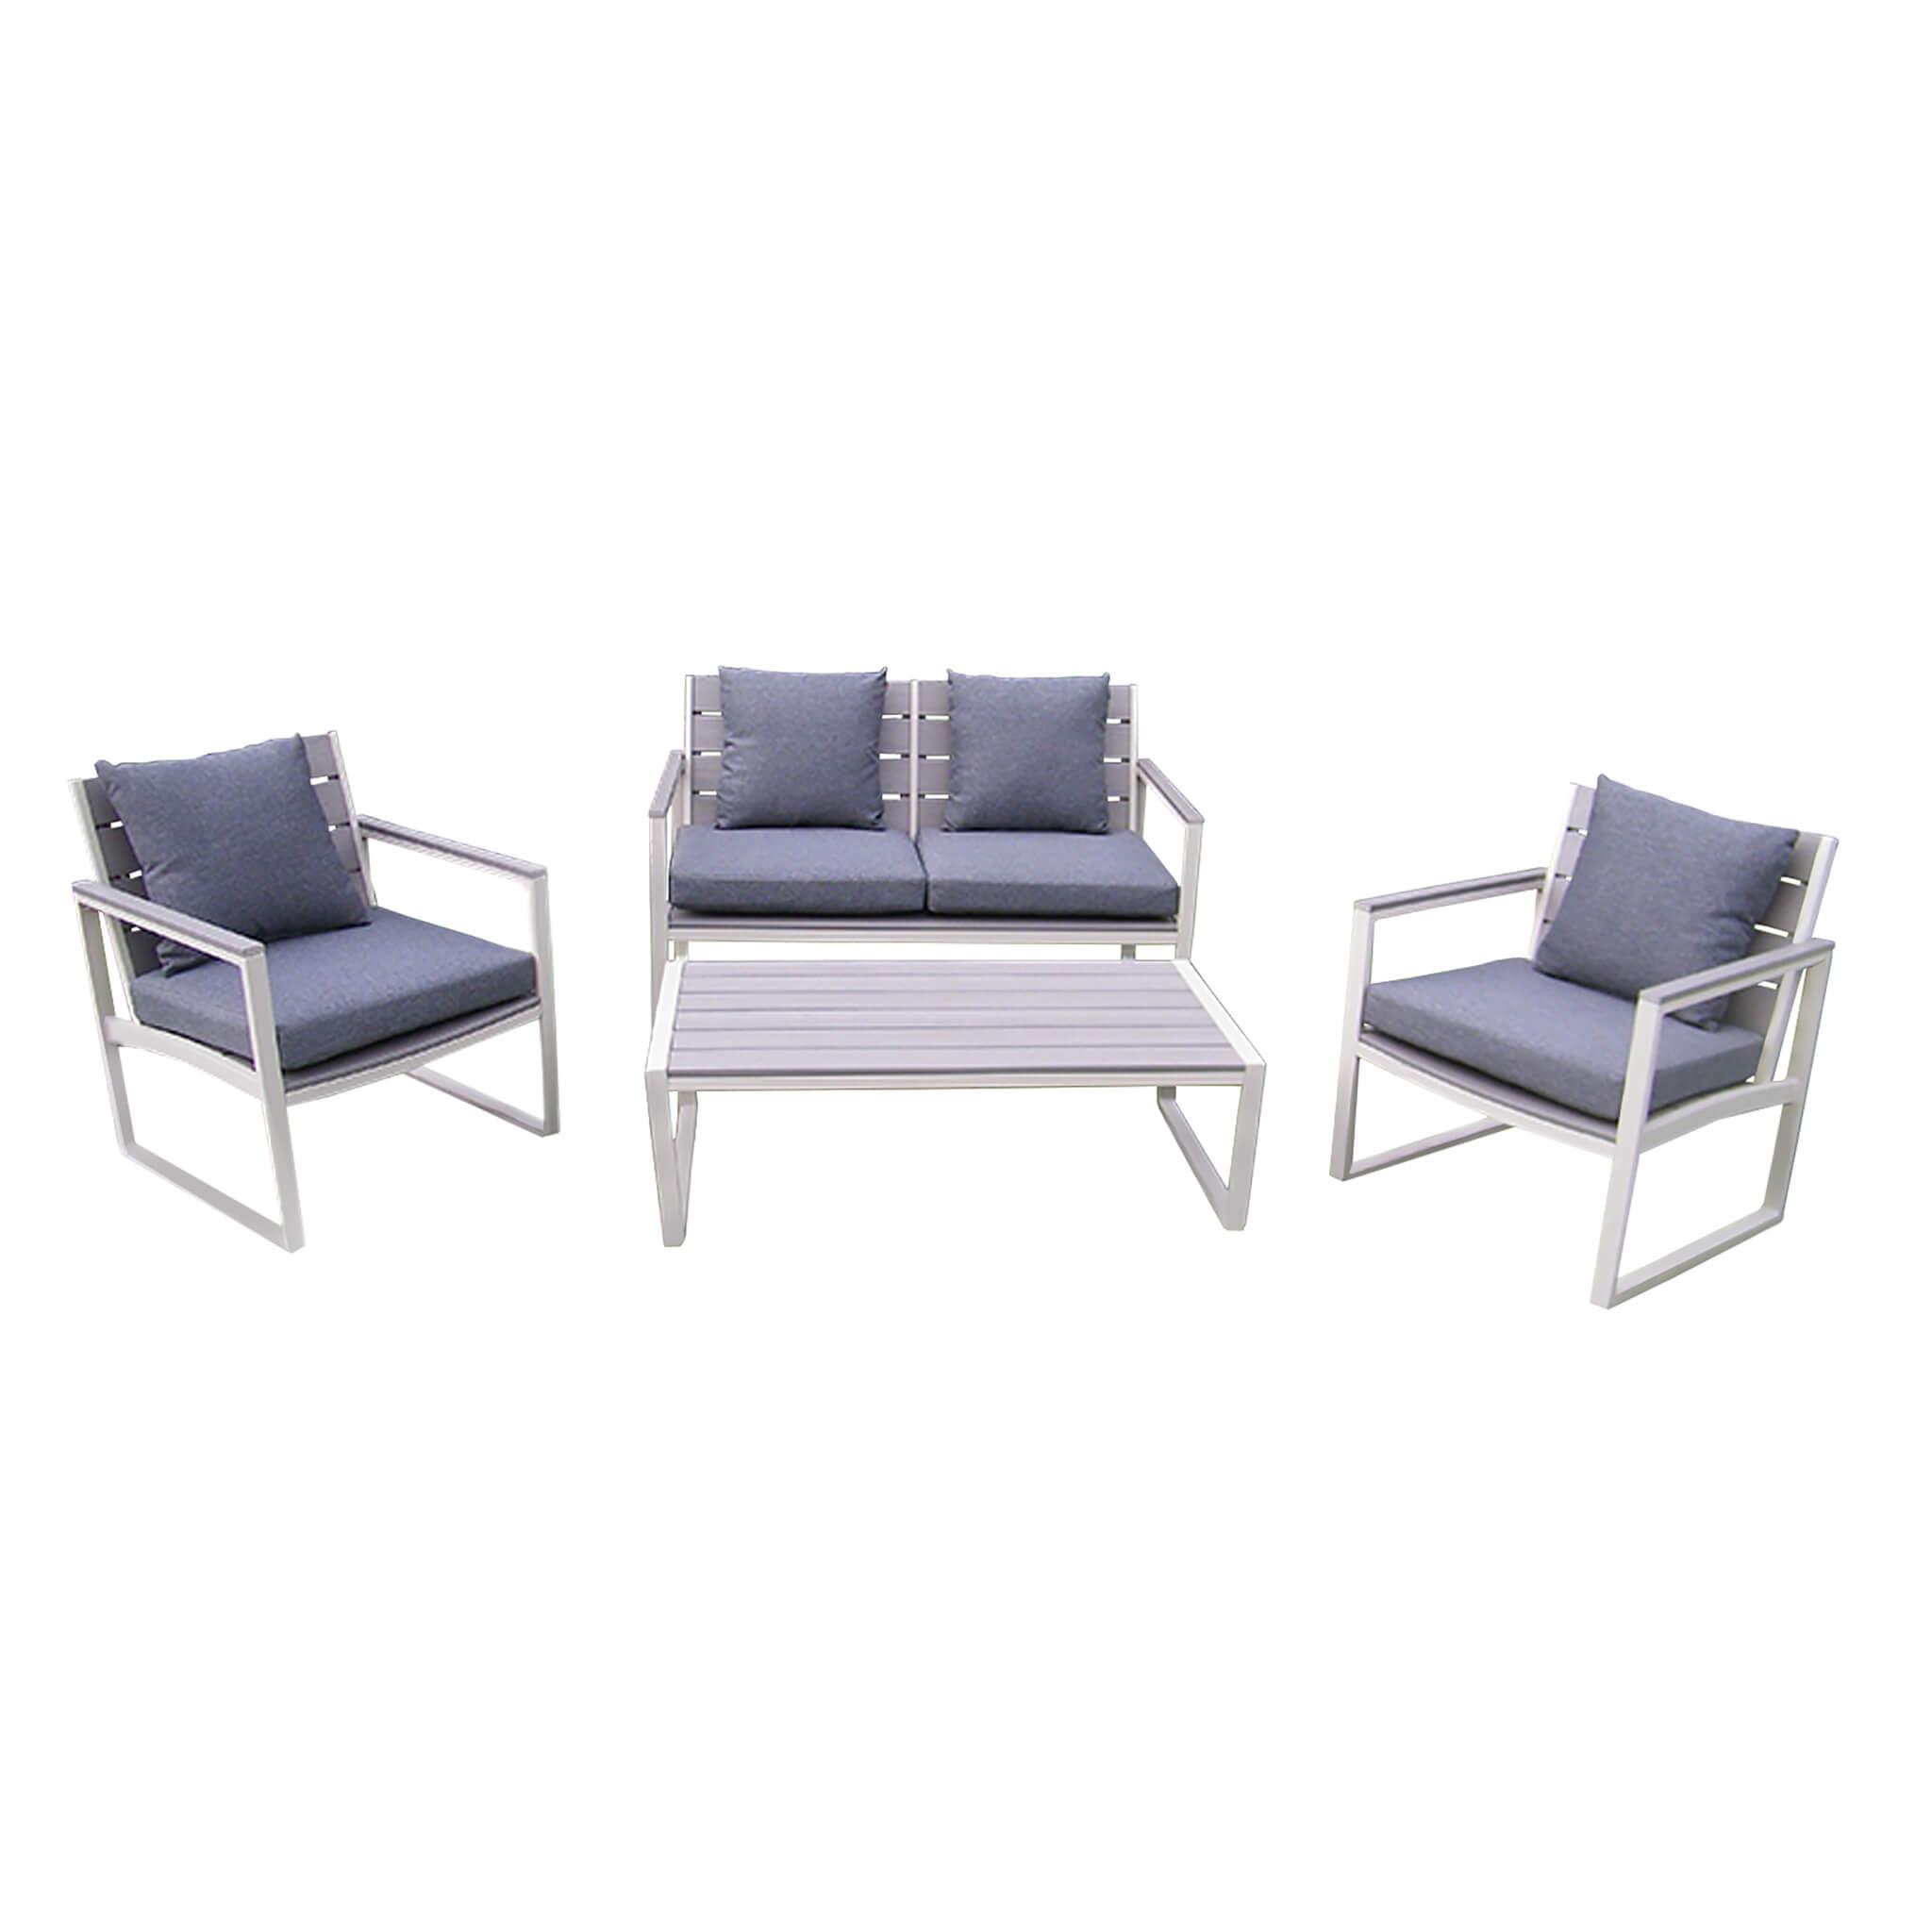 Milani Home TORUS - salotto da giardino 2 posti in alluminio e polywood completo di cuscini